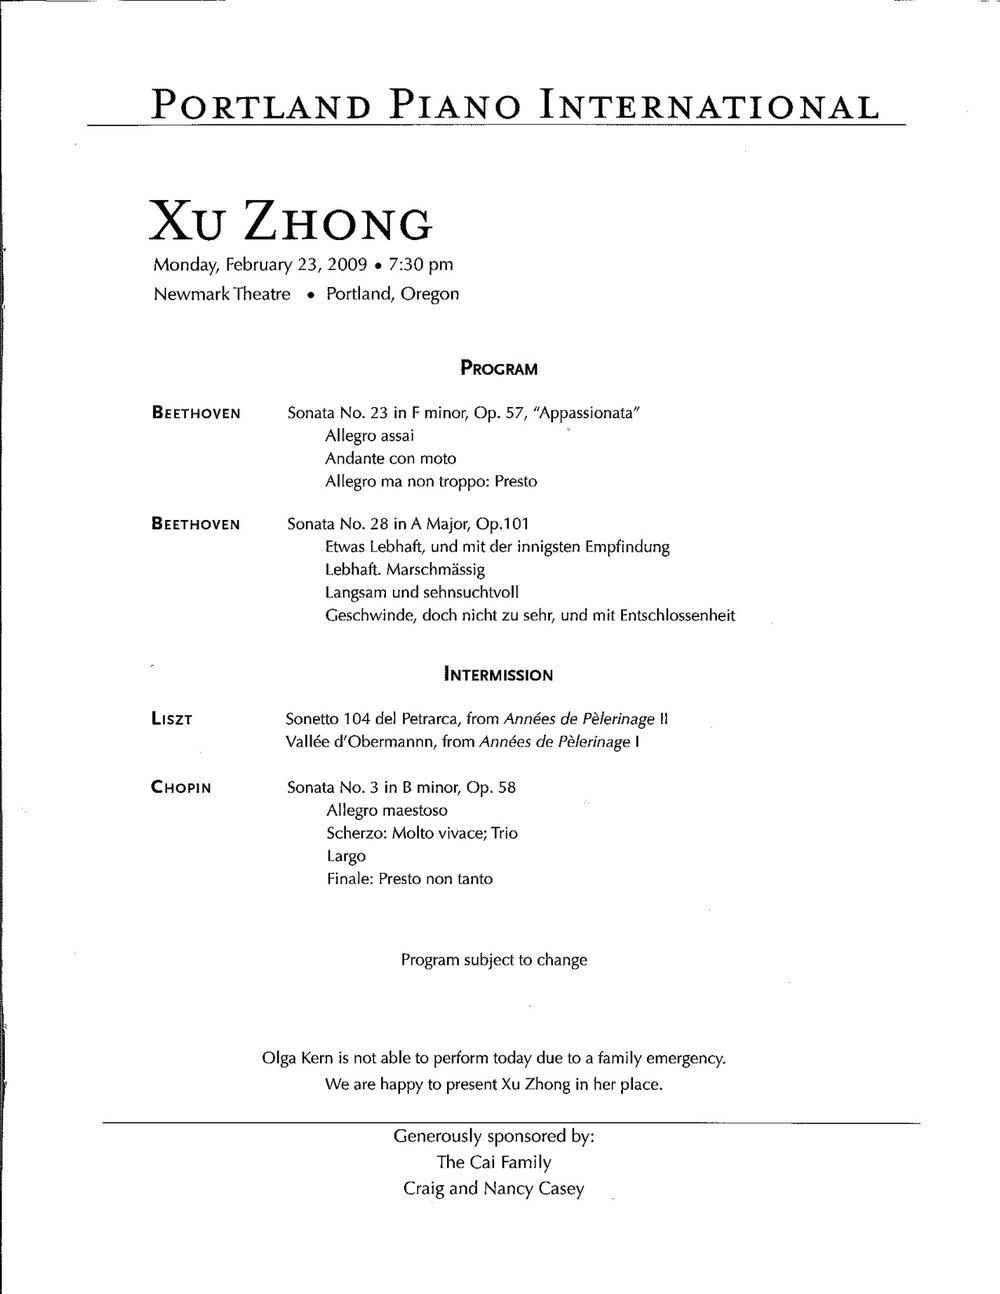 Zhong3.jpg